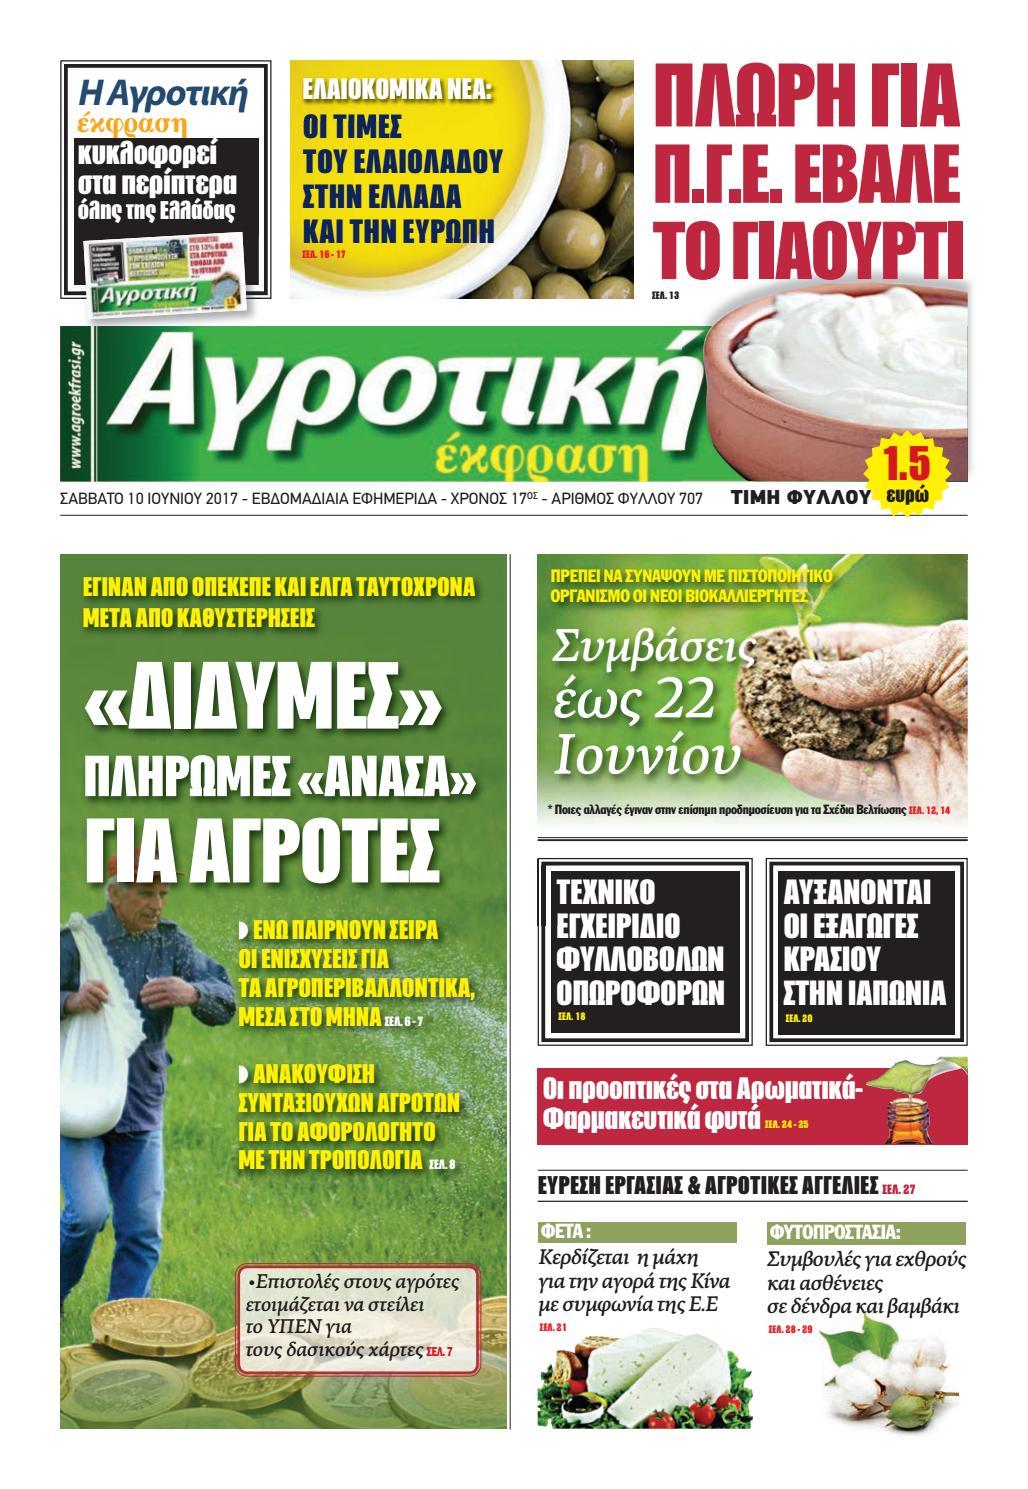 Μαργαρίτας. του Thaddee Zielinsky που πρωτοδηµοσιεύτηκε στη Gazeta Polska της Βαρσοβίας και φωτογραφίες.